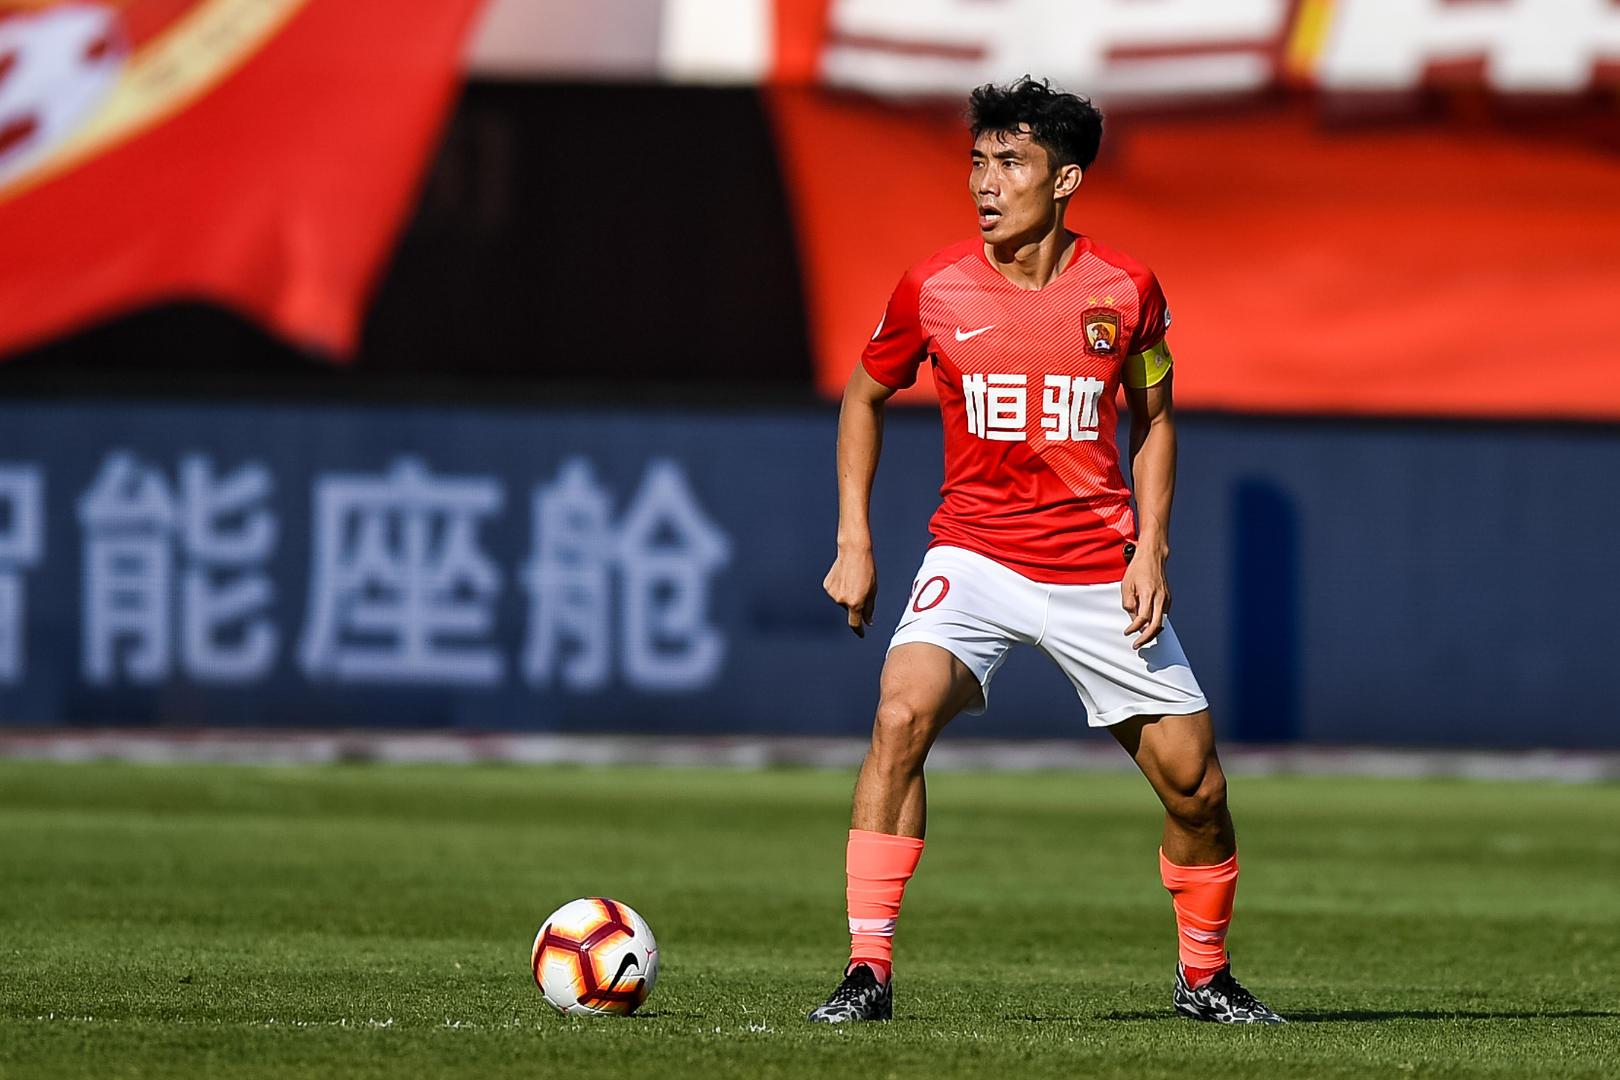 郑智在英超时就显露教练潜质 中国版瓜迪奥拉上路